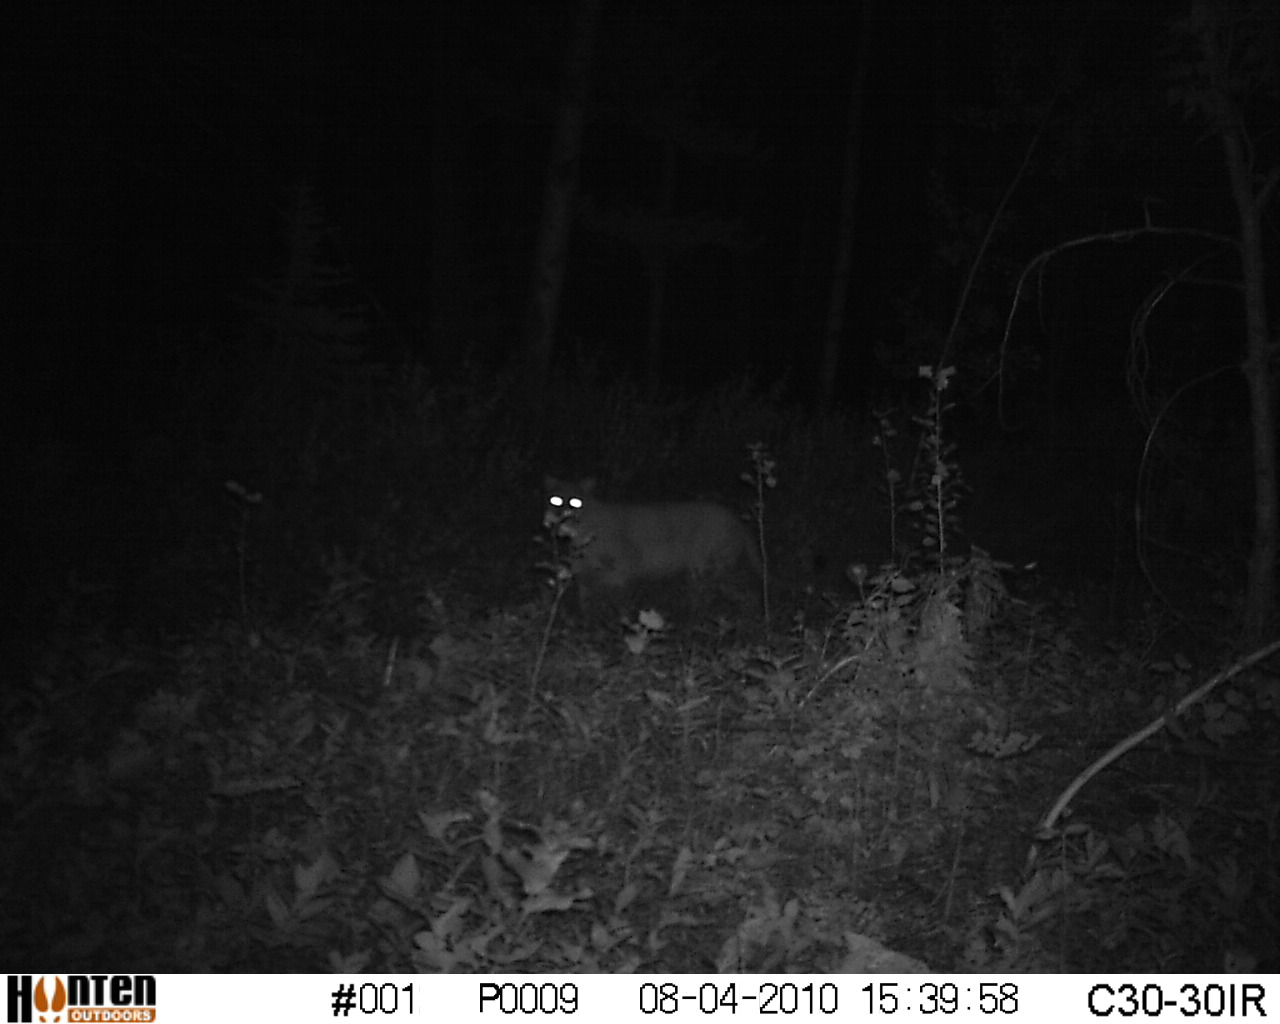 Bear eyes at night - photo#1